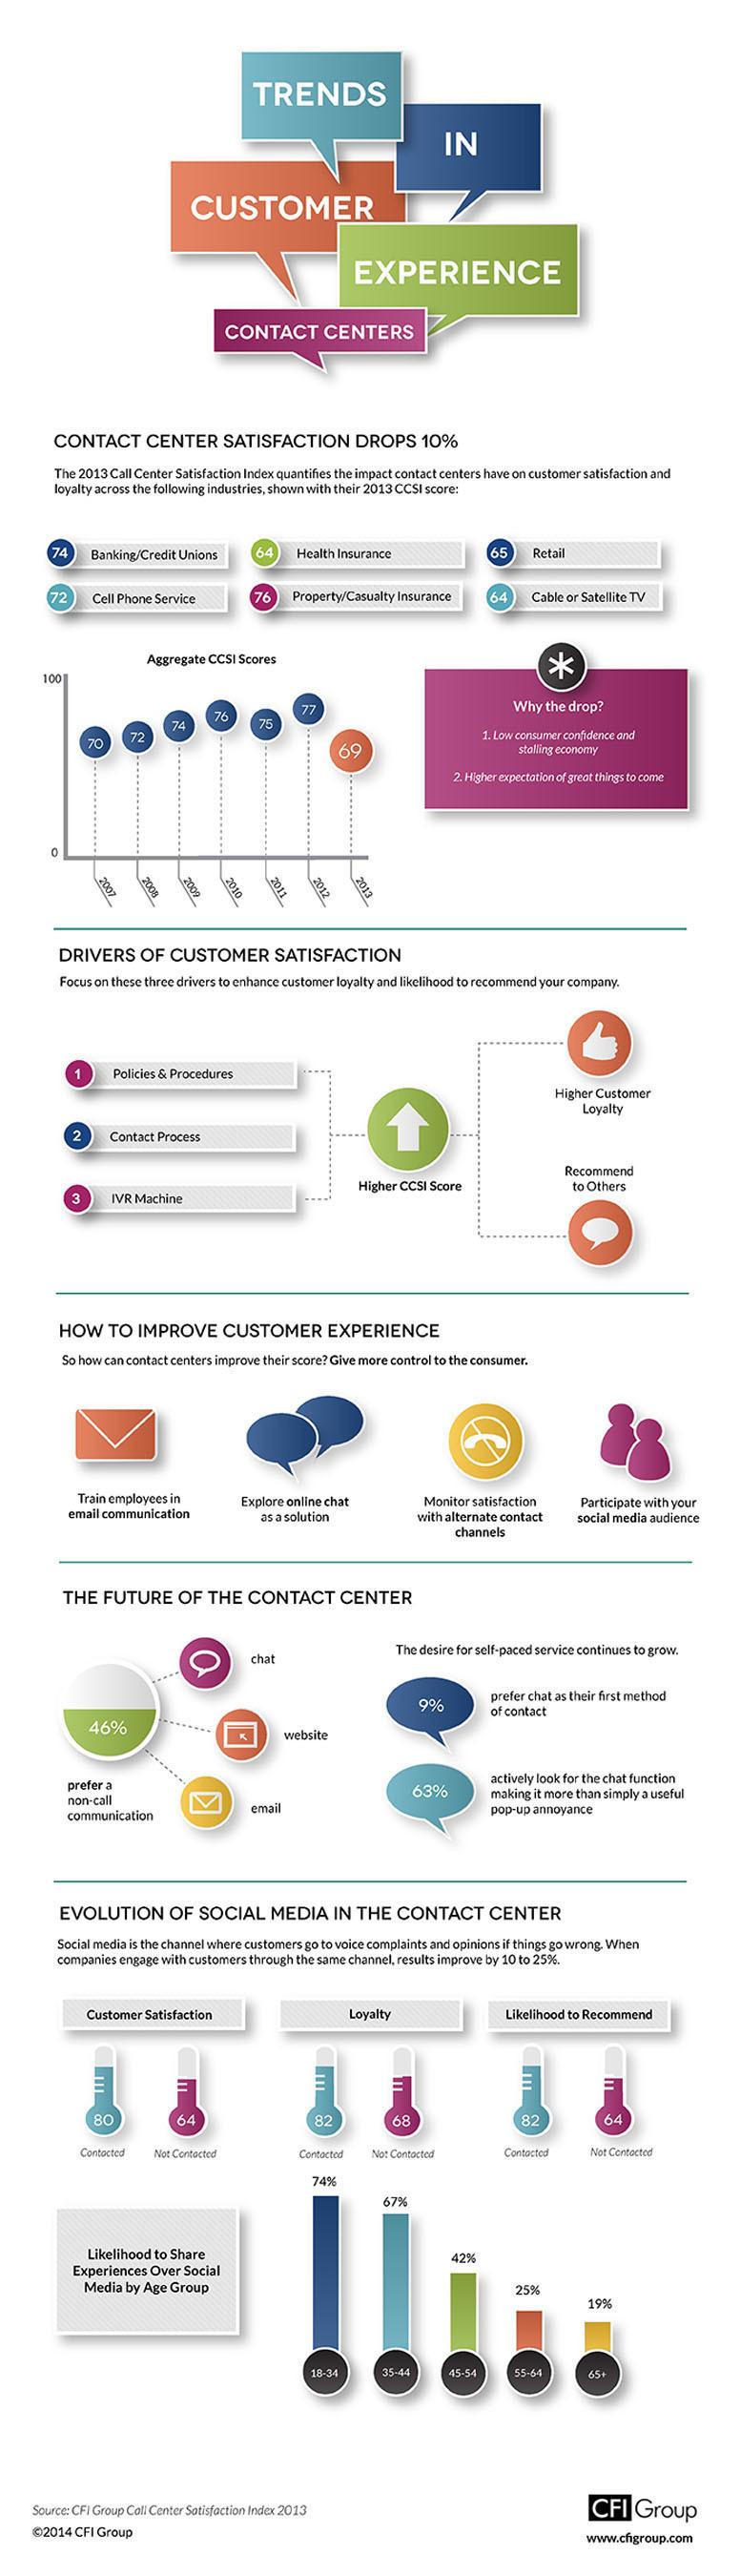 2013 CFI Group Contact Center Satisfaction Index.  (PRNewsFoto/CFI Group)